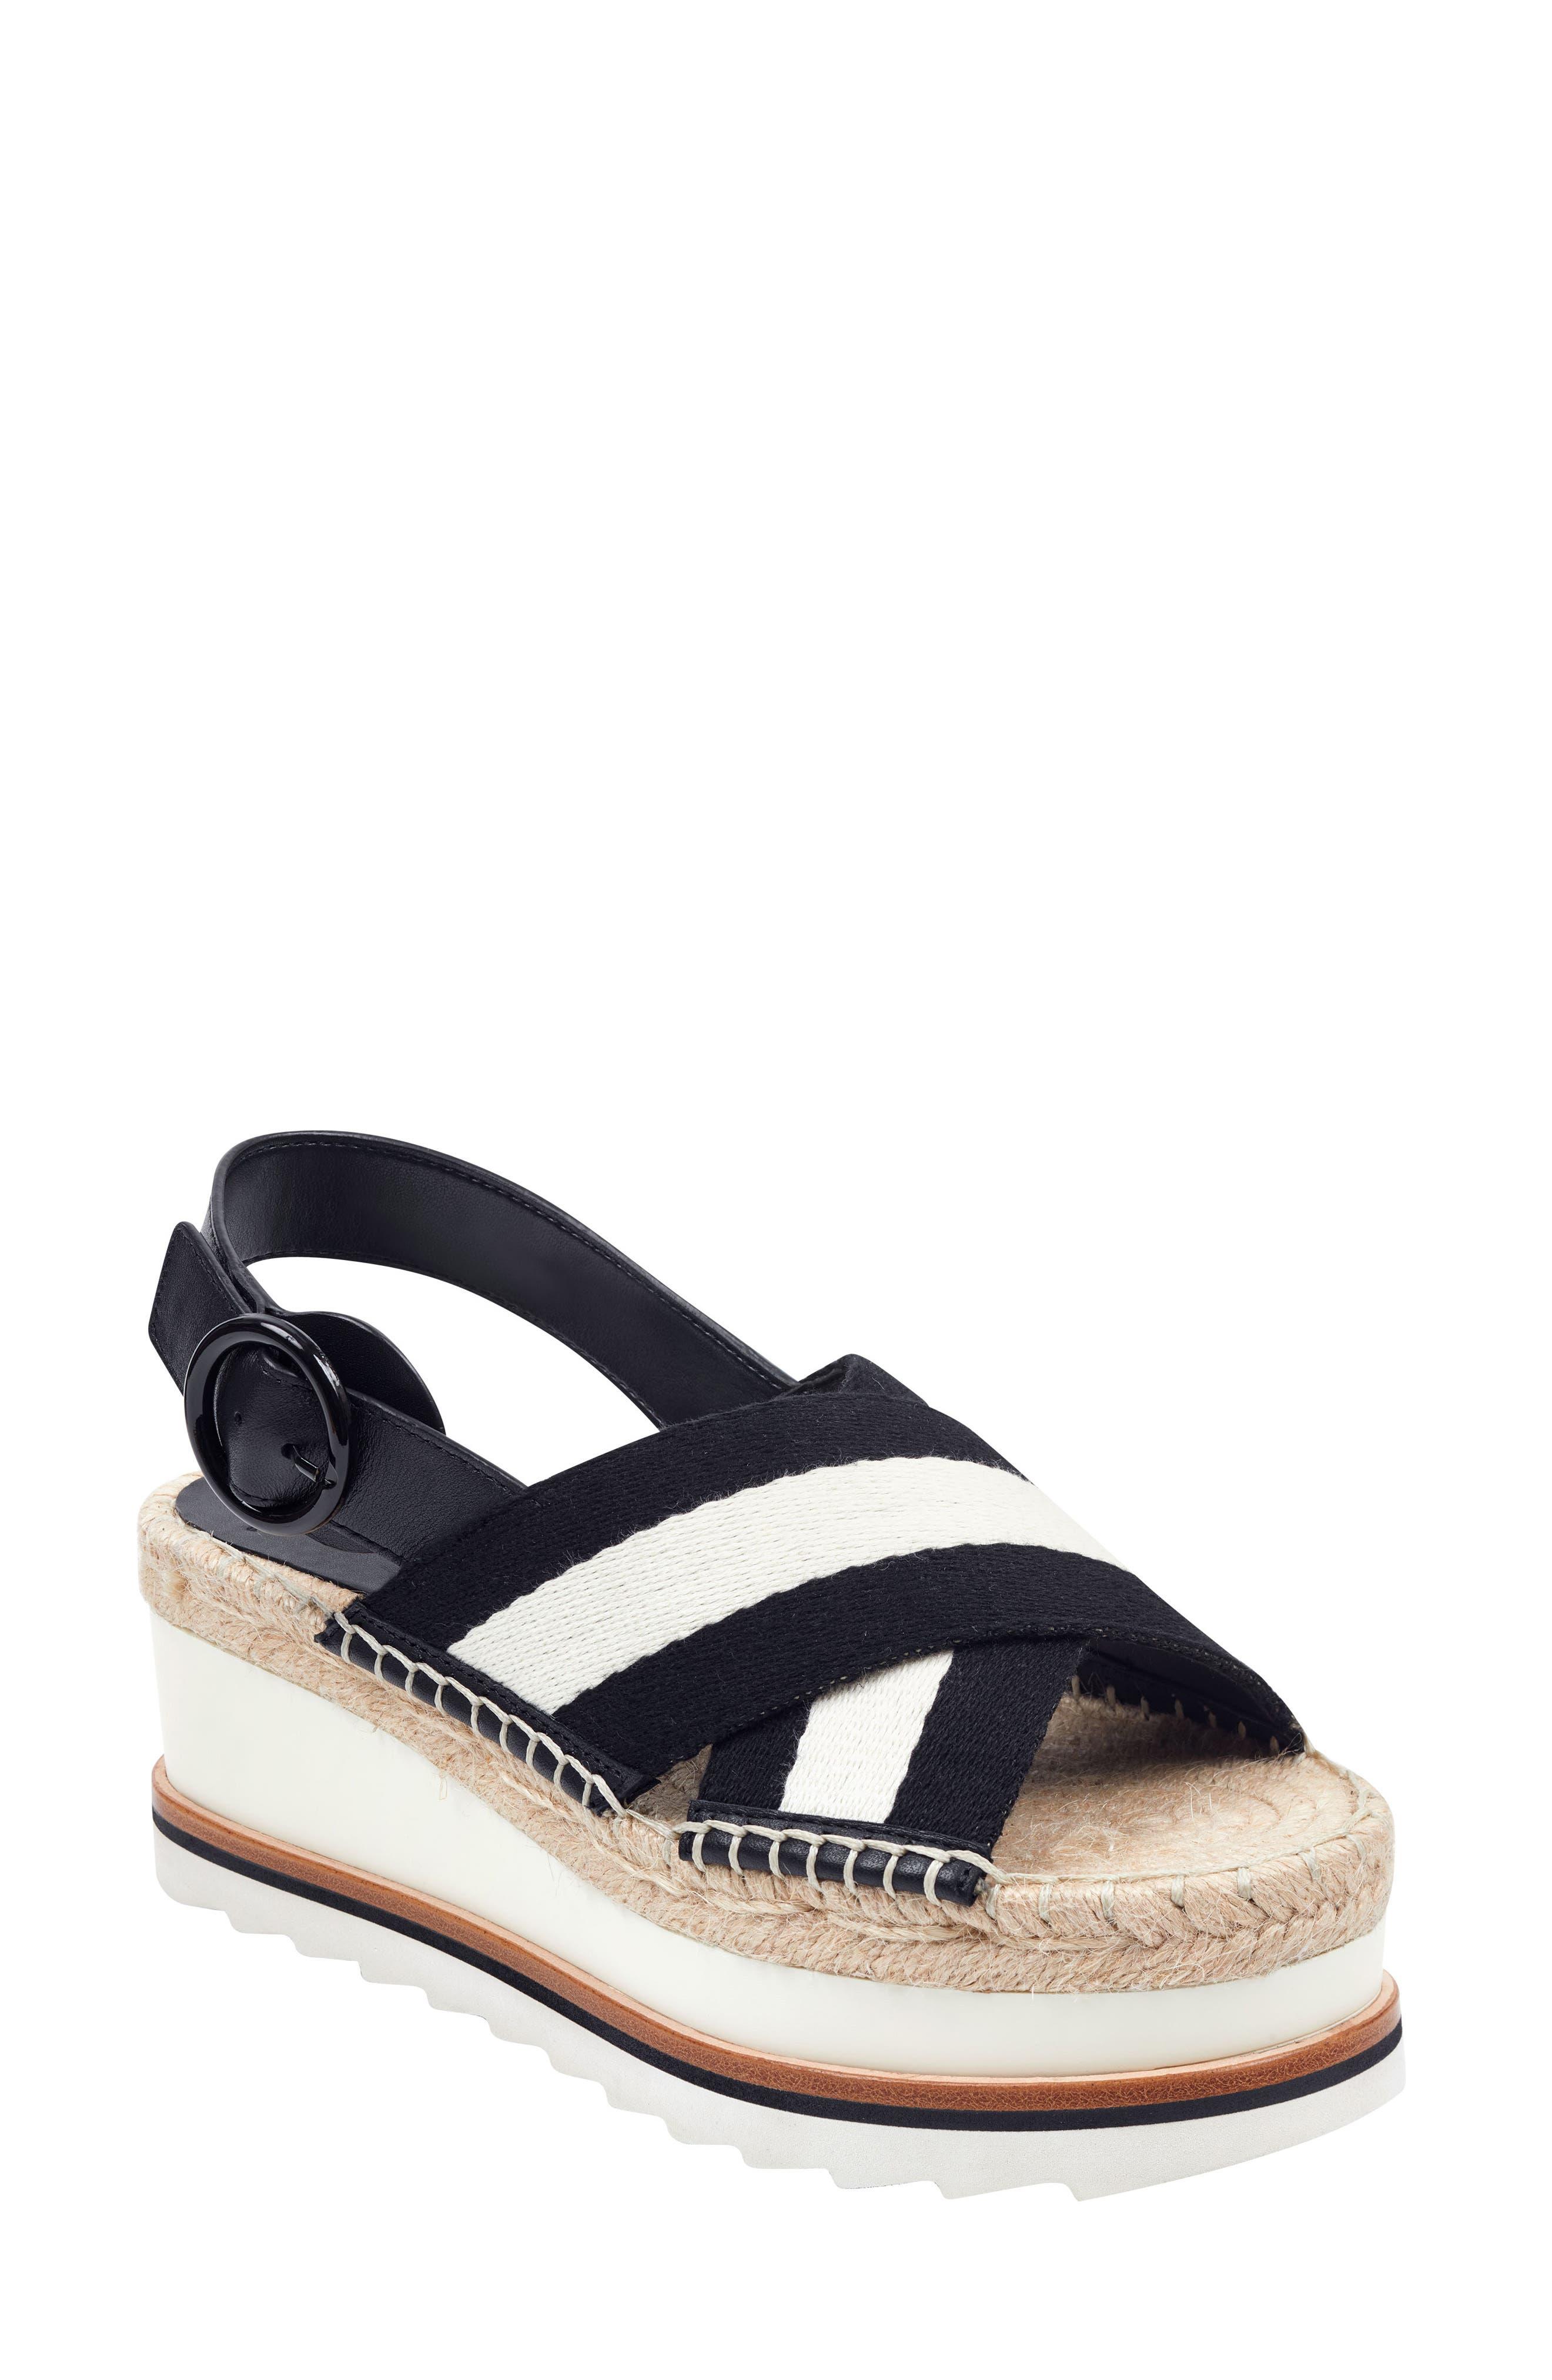 Marc Fisher Ltd Glenna Platform Slingback Sandal- Black